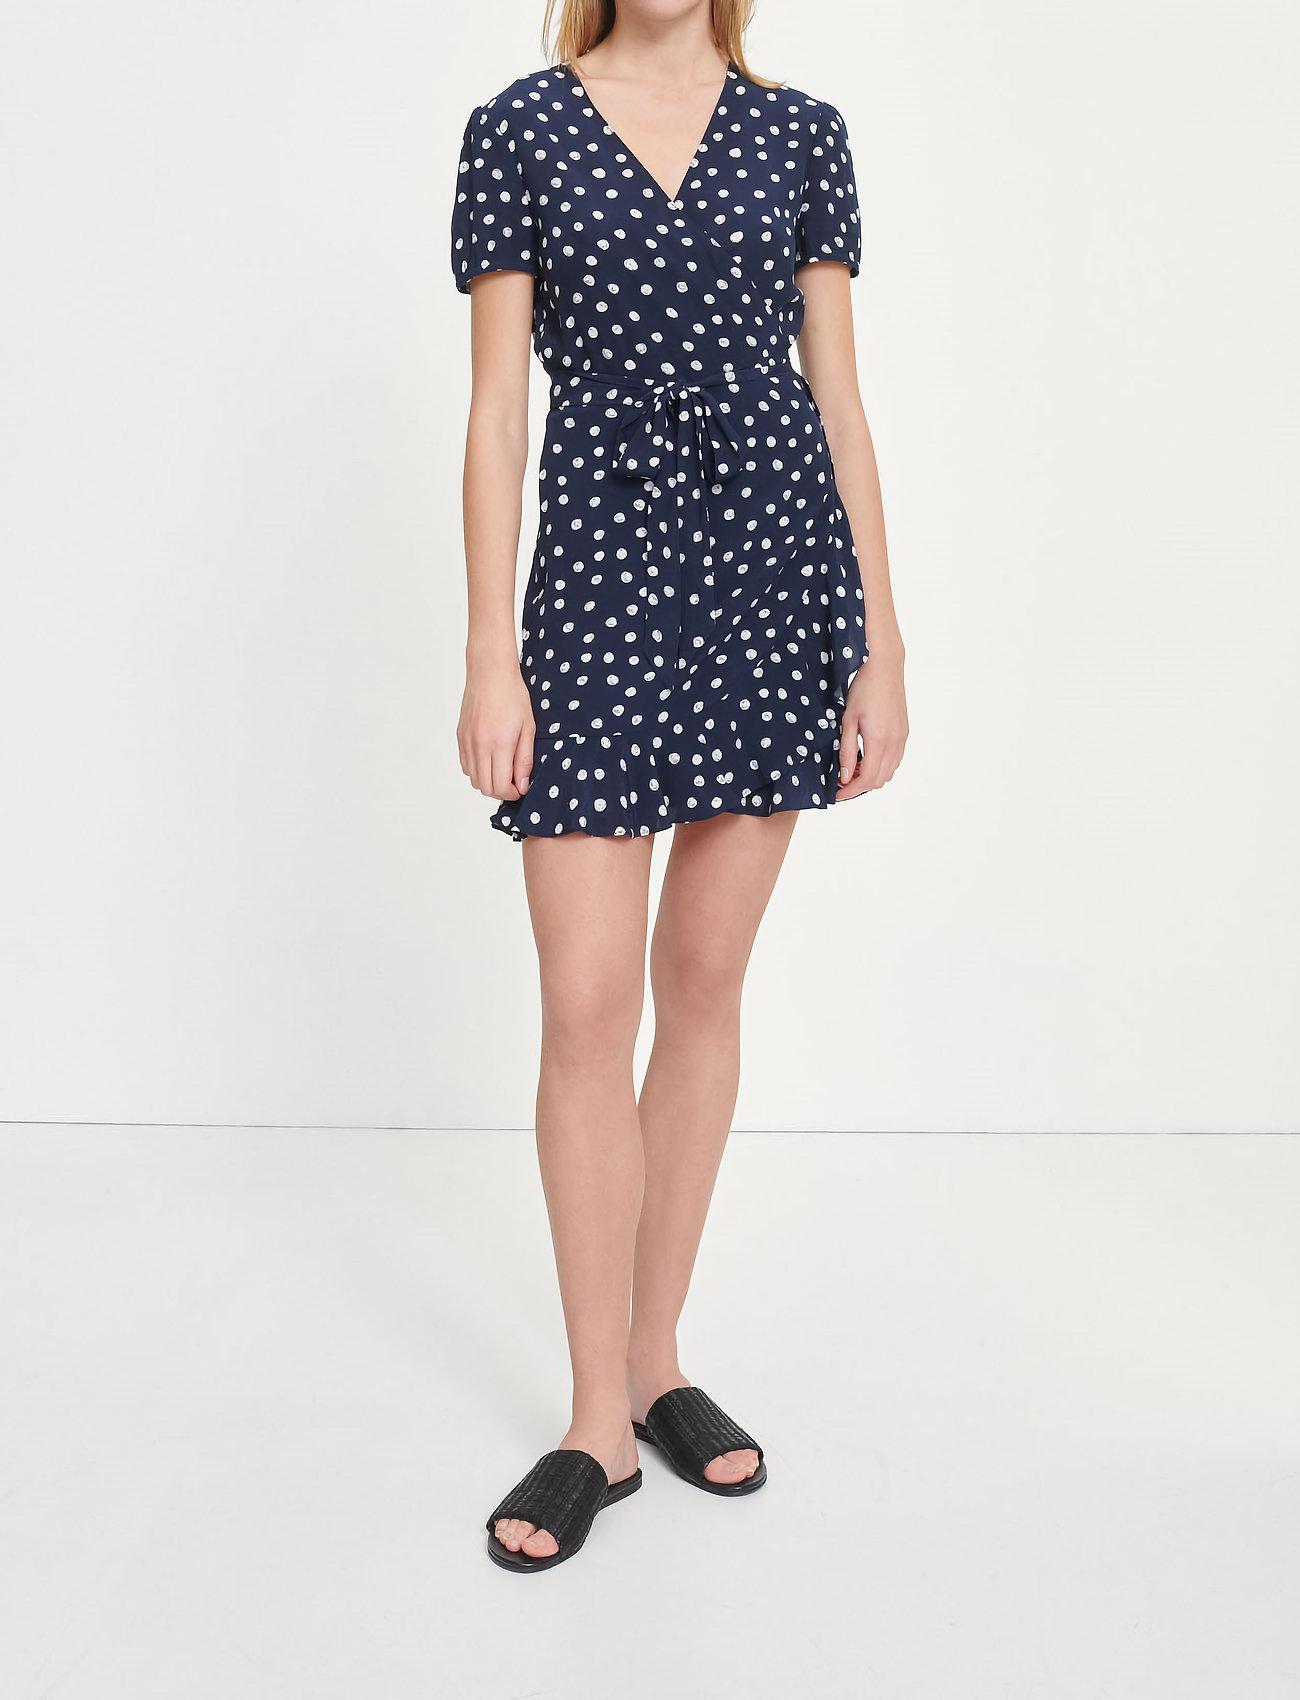 Samsøe Samsøe - Linetta dress aop 10056 - omlottklänningar - blue doodle dot - 0